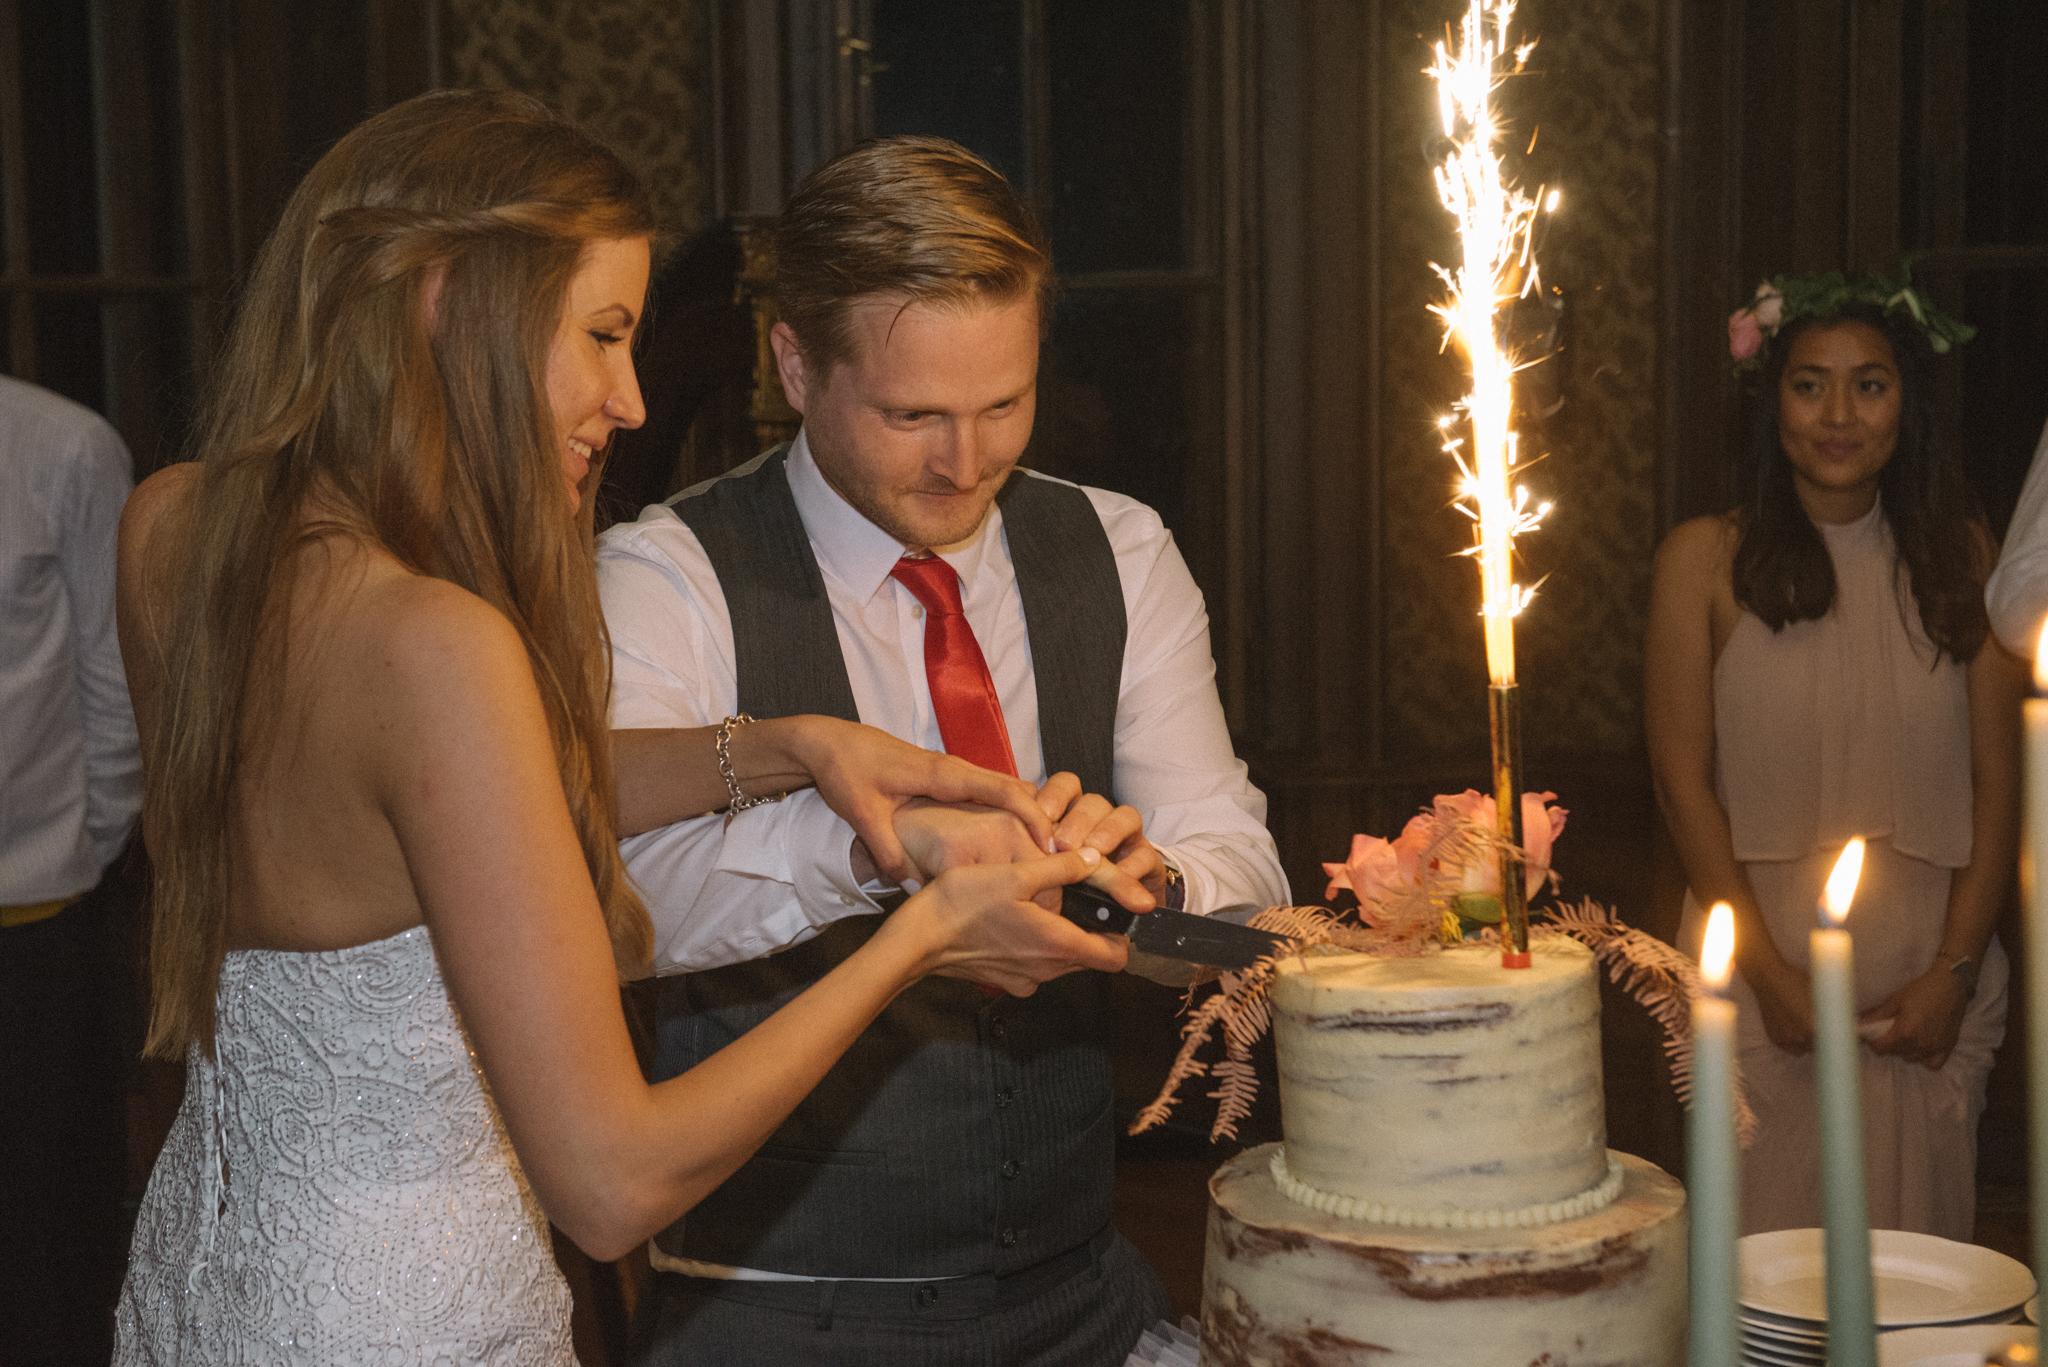 gabor-sallai-wedding-photography-eskuvo-nadasladany-DSC_2484